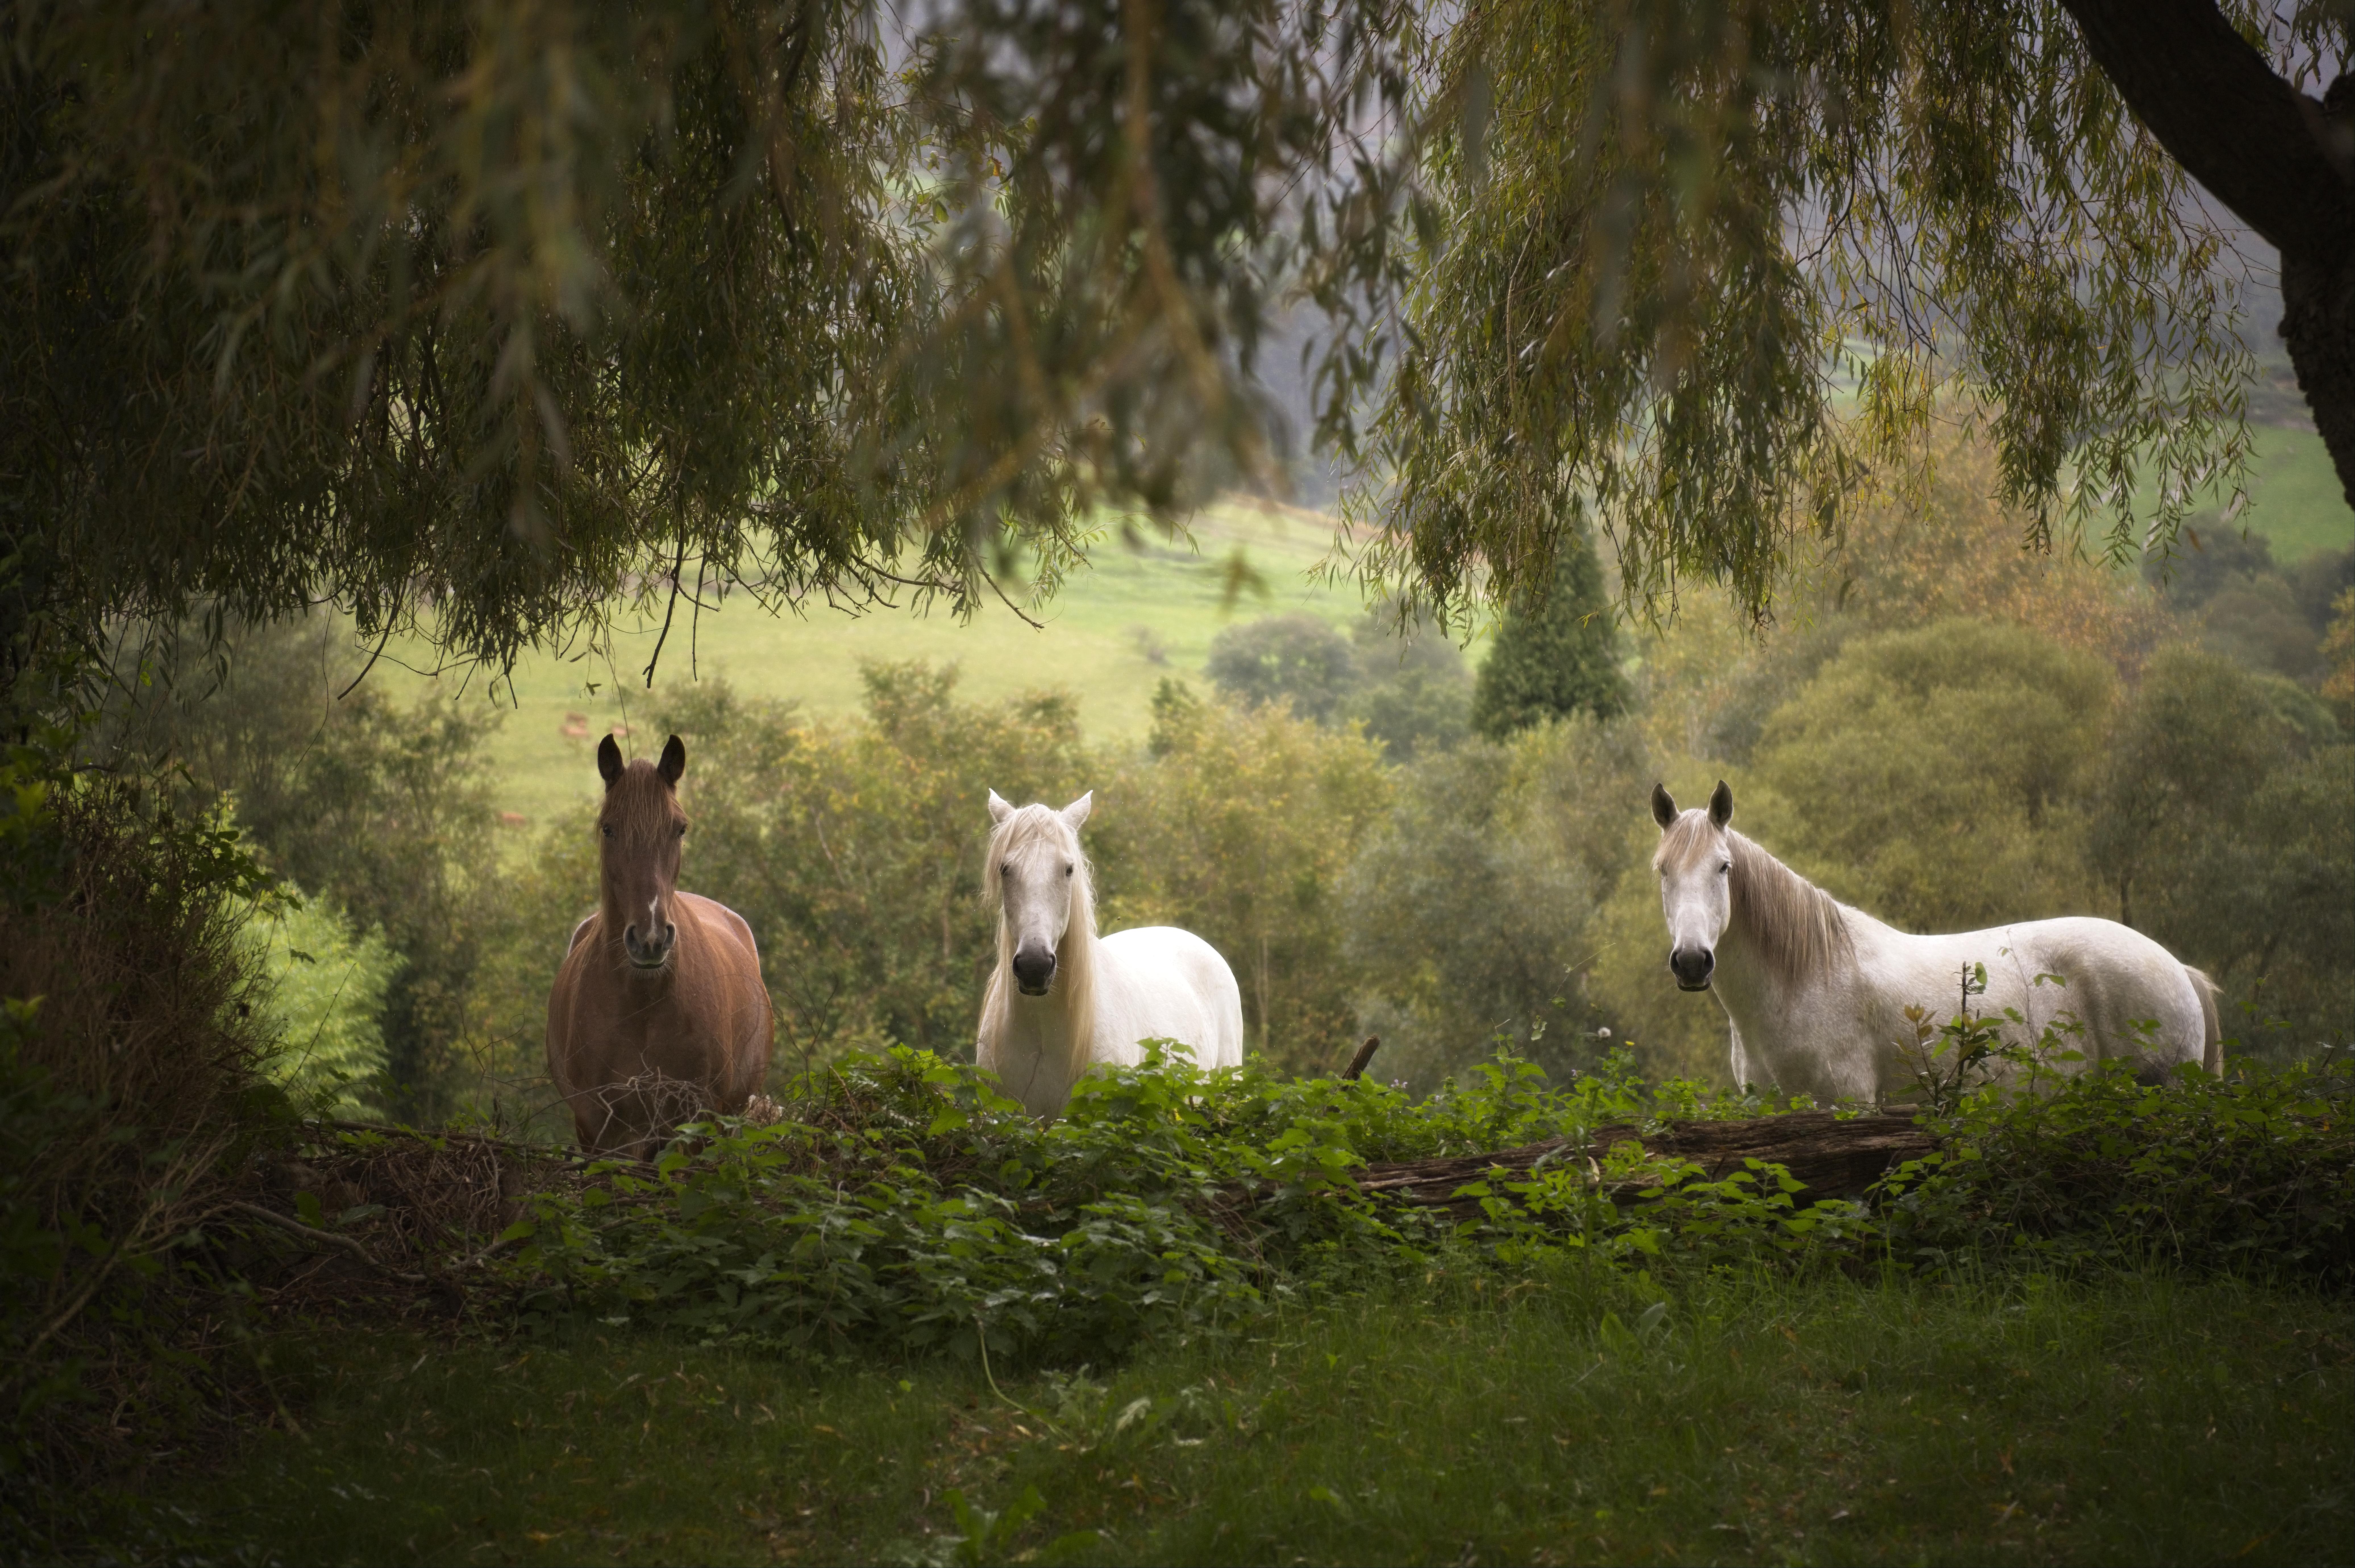 Horses - Noriega (Asturias)